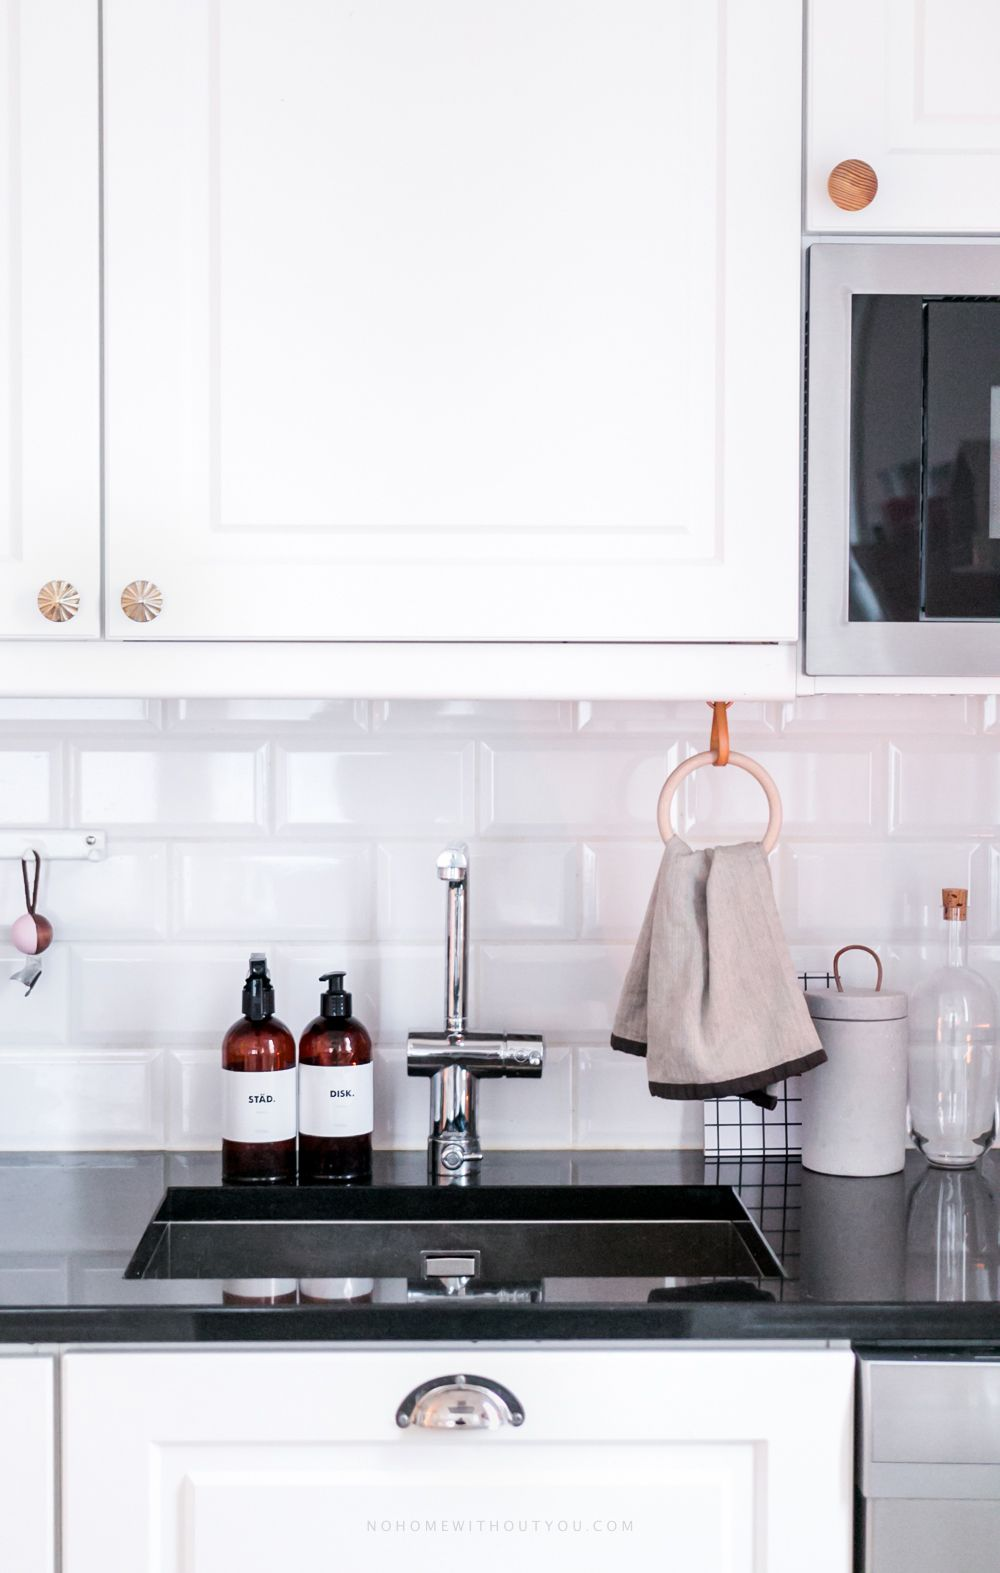 Door 16 Diy Kitchen Towel Hanger Decoration Cuisine Idees De Decoration Interieure Idee De Decoration